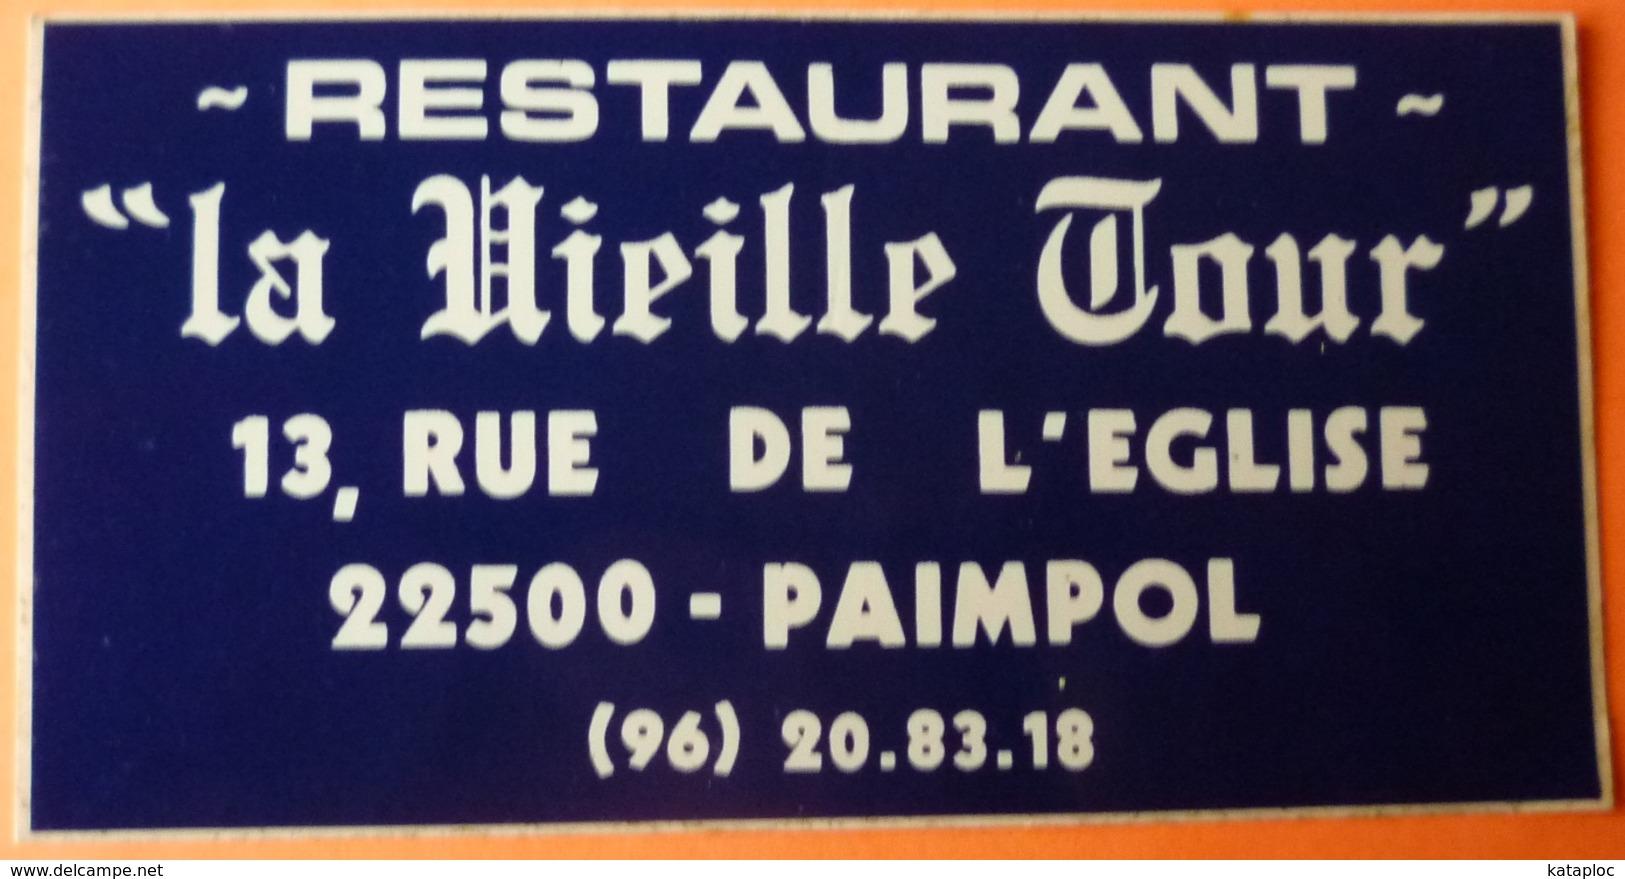 AUTOCOLLANT STICKER - RESTAURANT - LA VIEILLE TOUR - PAIMPOL - 22 - Autocollants